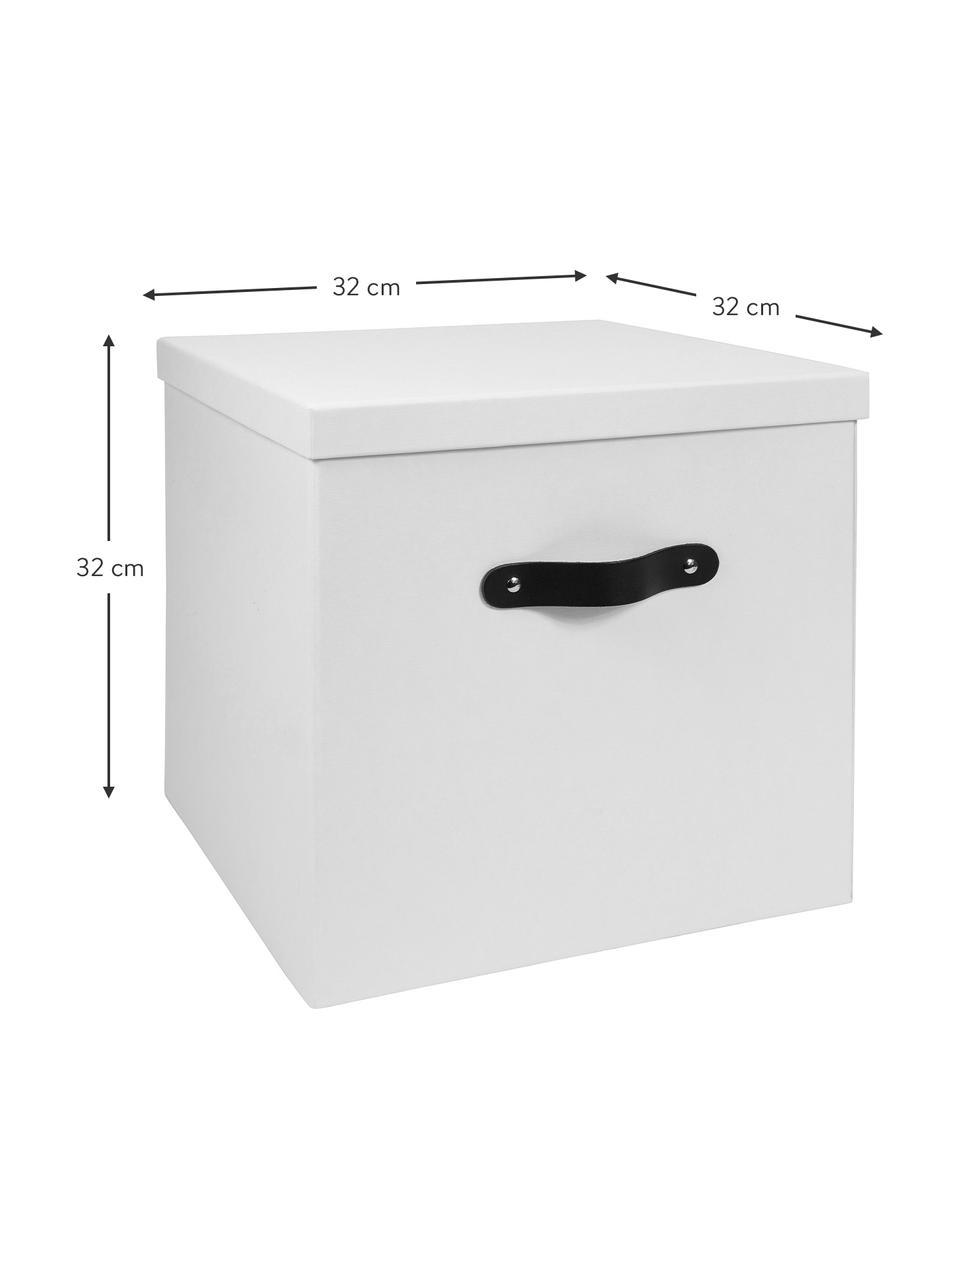 Scatola con coperchio Texas, Scatola: solido, cartone laminato, Manico: pelle, Bianco, Larg. 32 x Alt. 32 cm